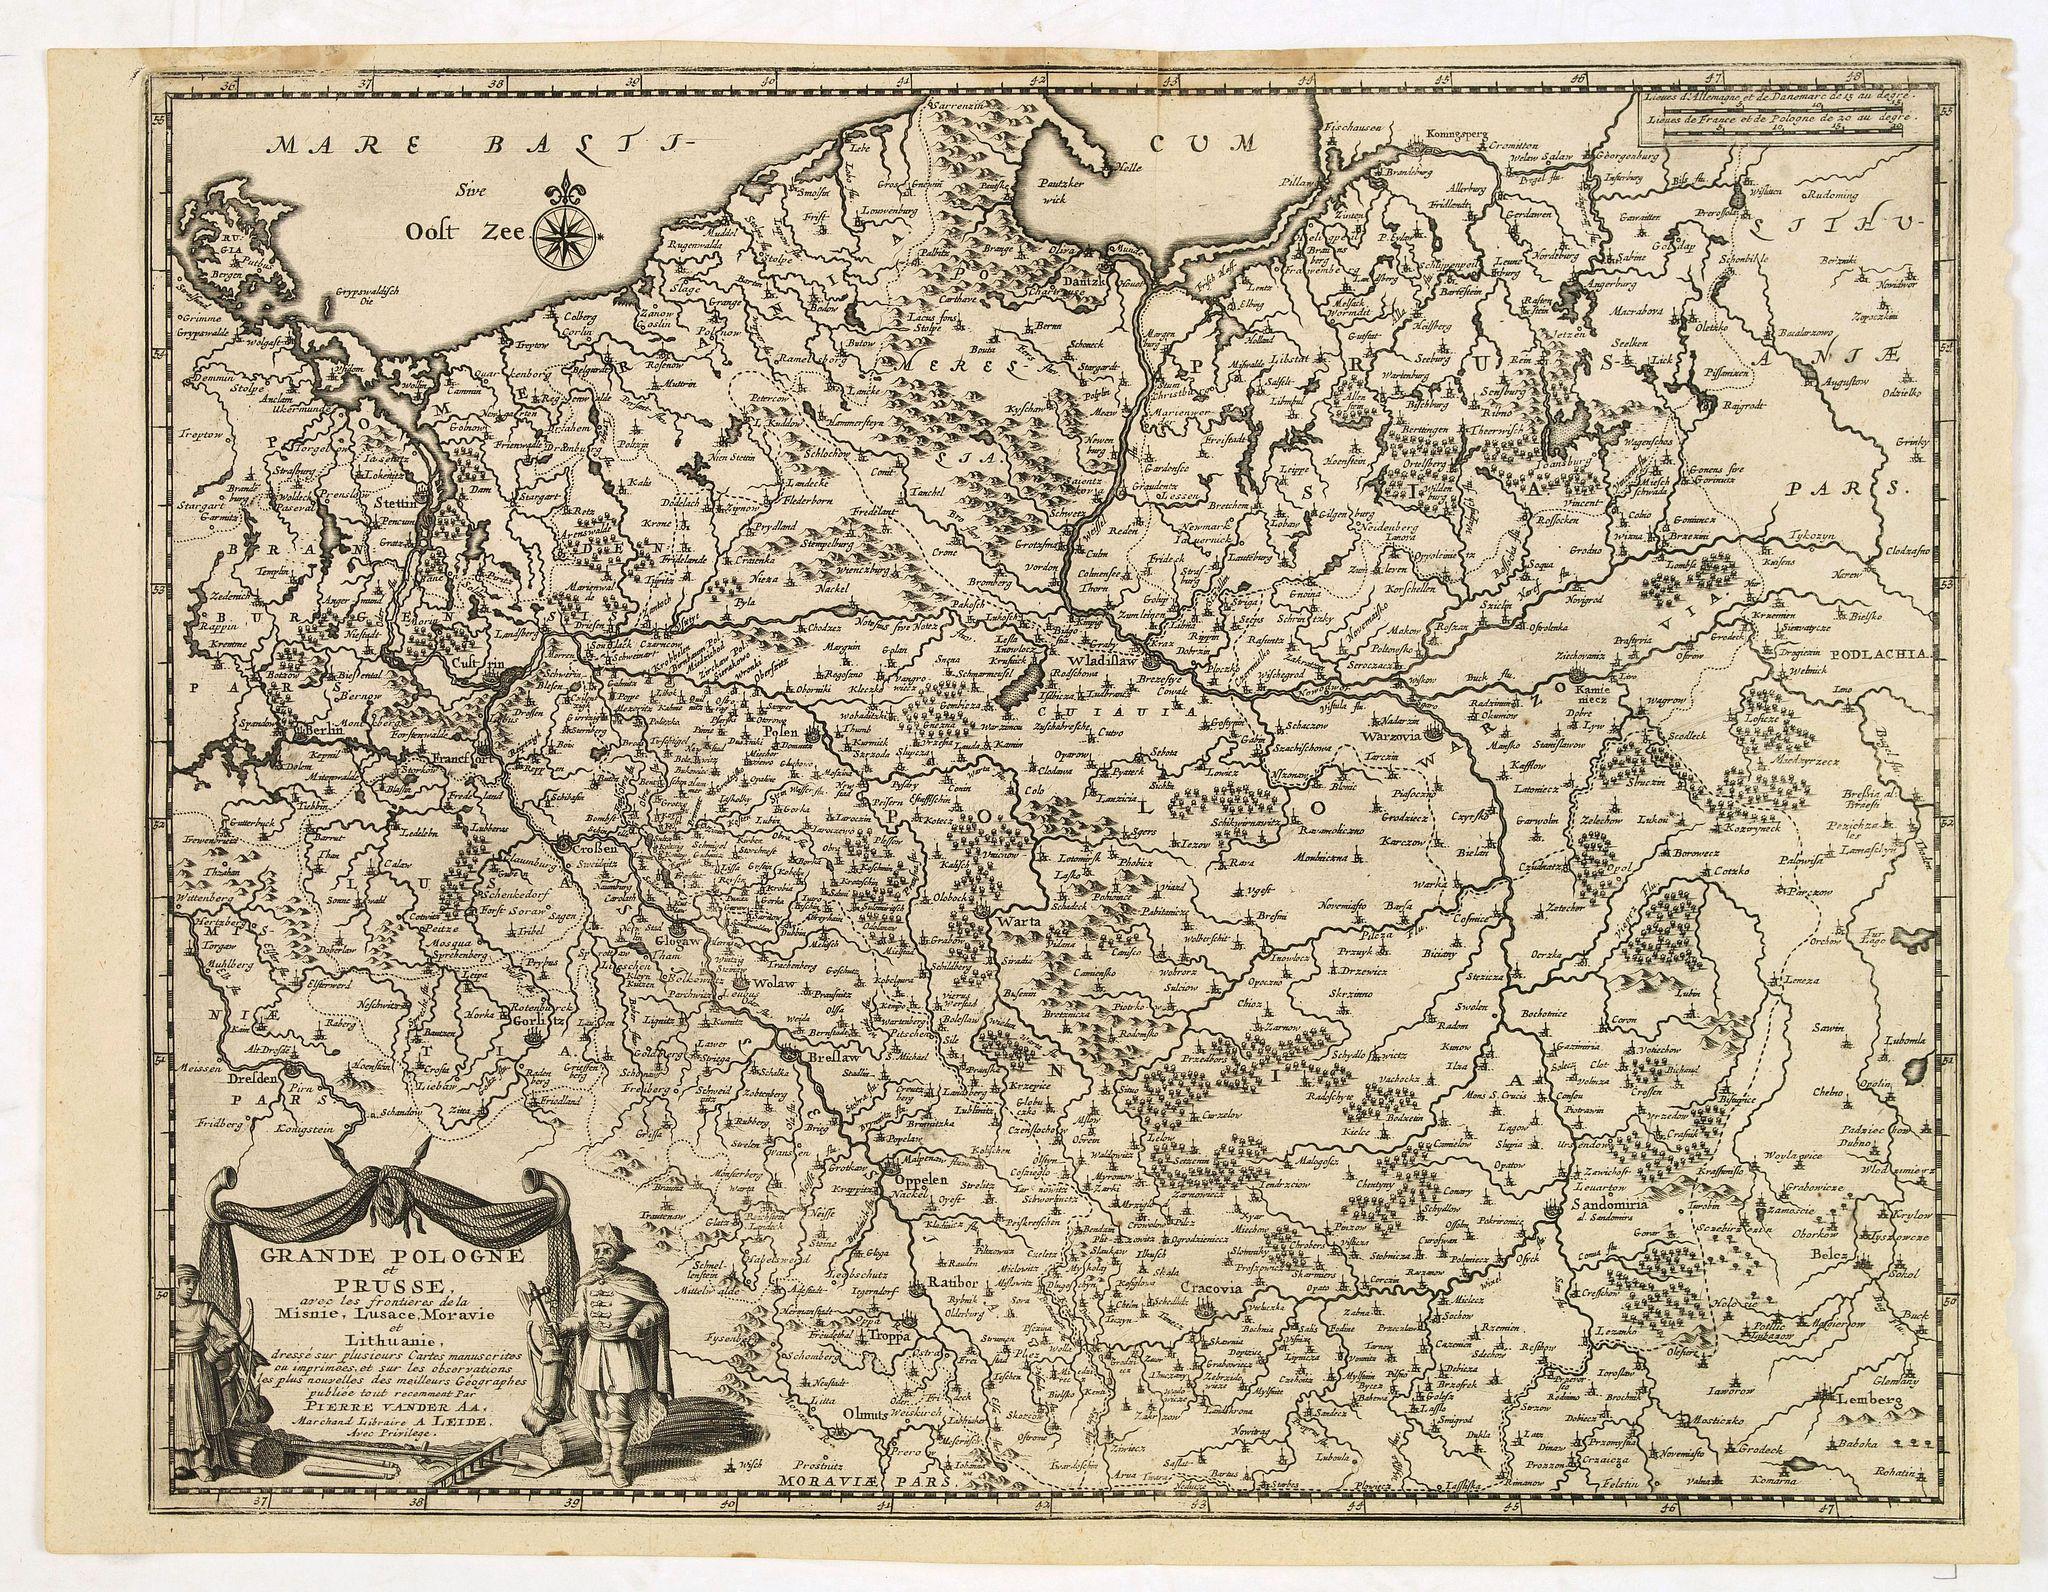 VAN DER AA, P. -  Grande Pologne et Prusse avec les frontières de la Misnie, Lusace, Moravie et Lithuanie